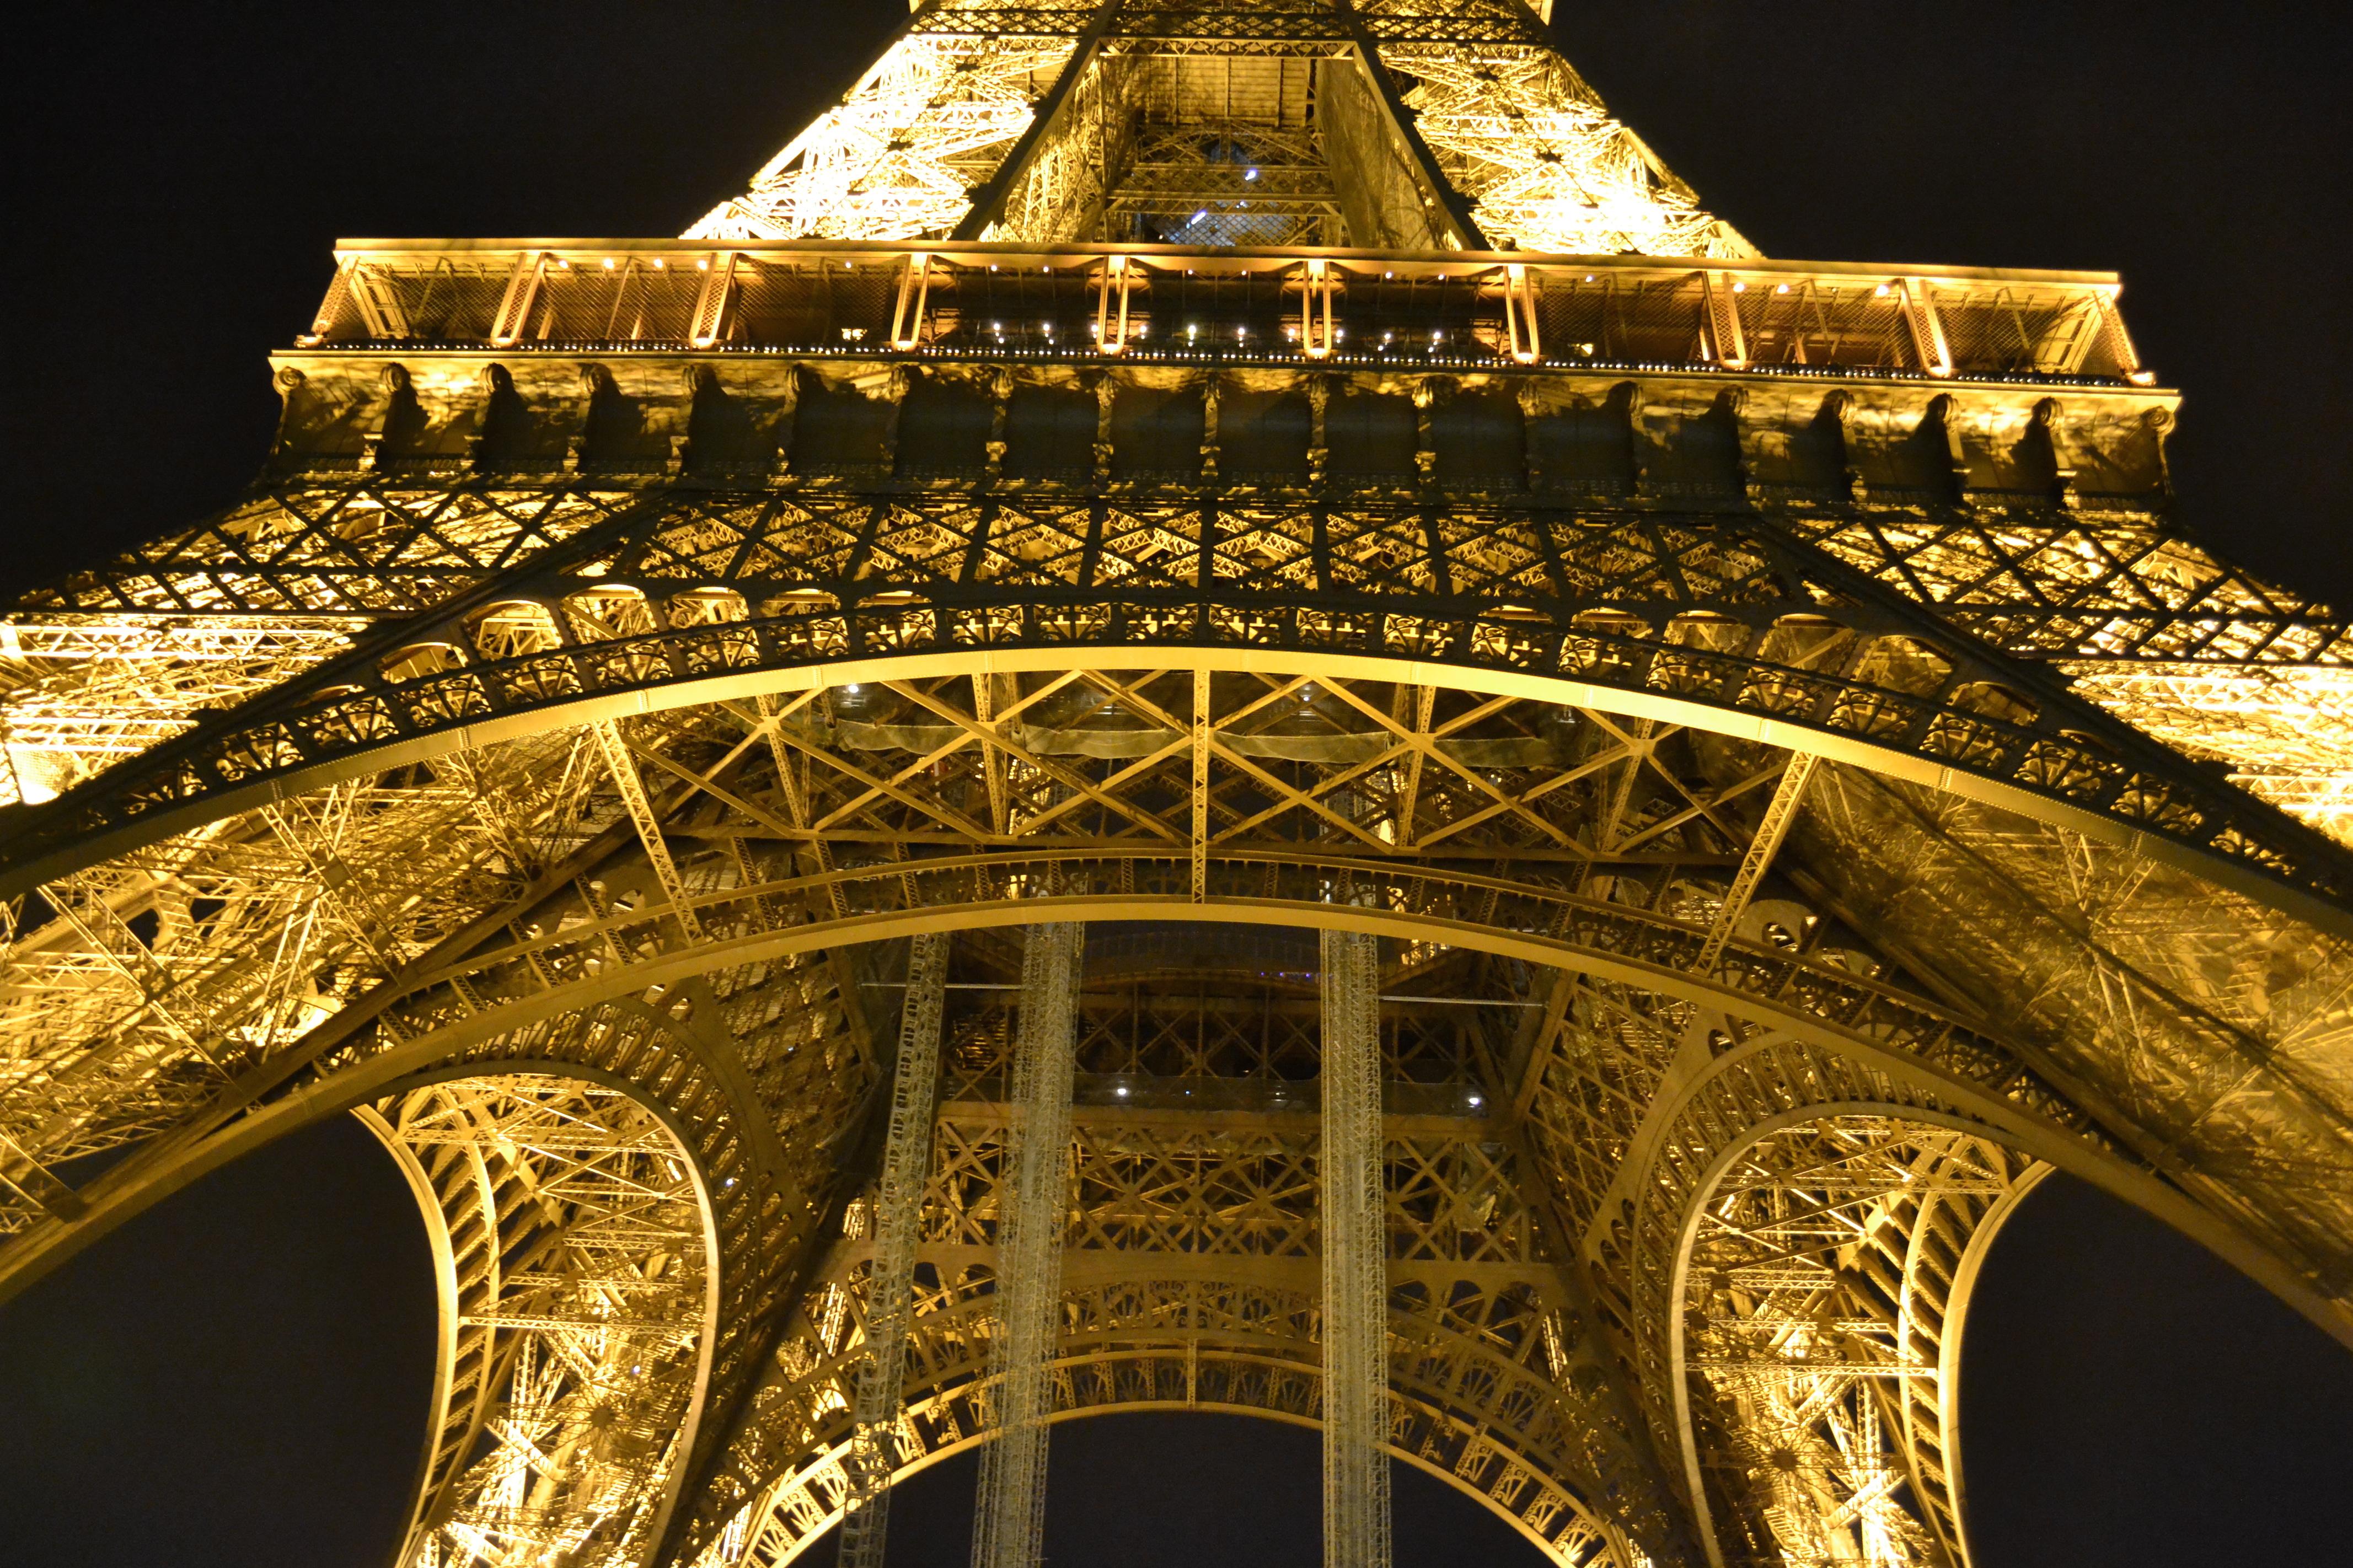 Vienna Fashion Waltz Lifestyle-Fashionblog-Wien Paris Eiffelturm La Tour Eiffel Fotografie Photography Fotokunst